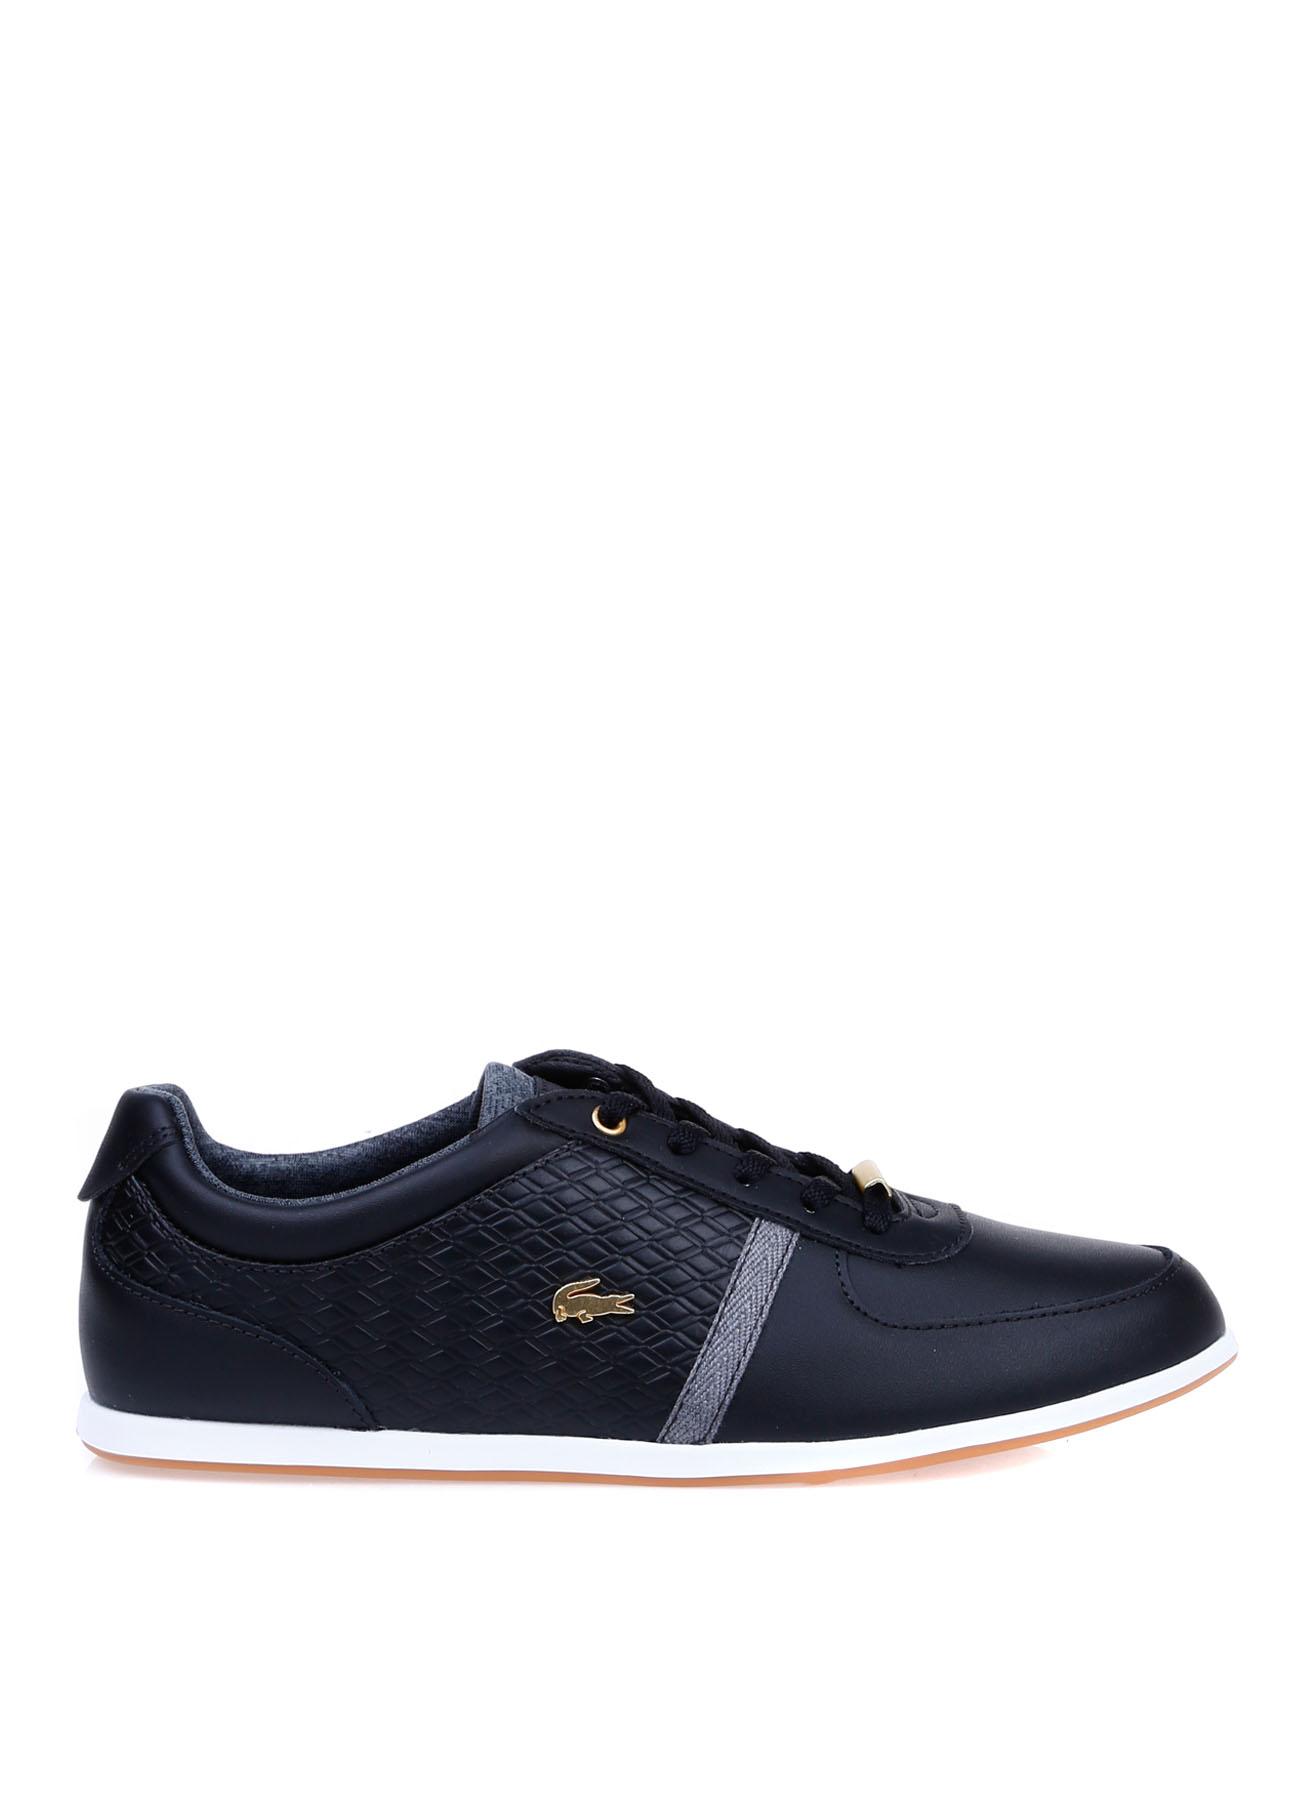 Lacoste Bağcıklı Sneaker 38 5002312547003 Ürün Resmi